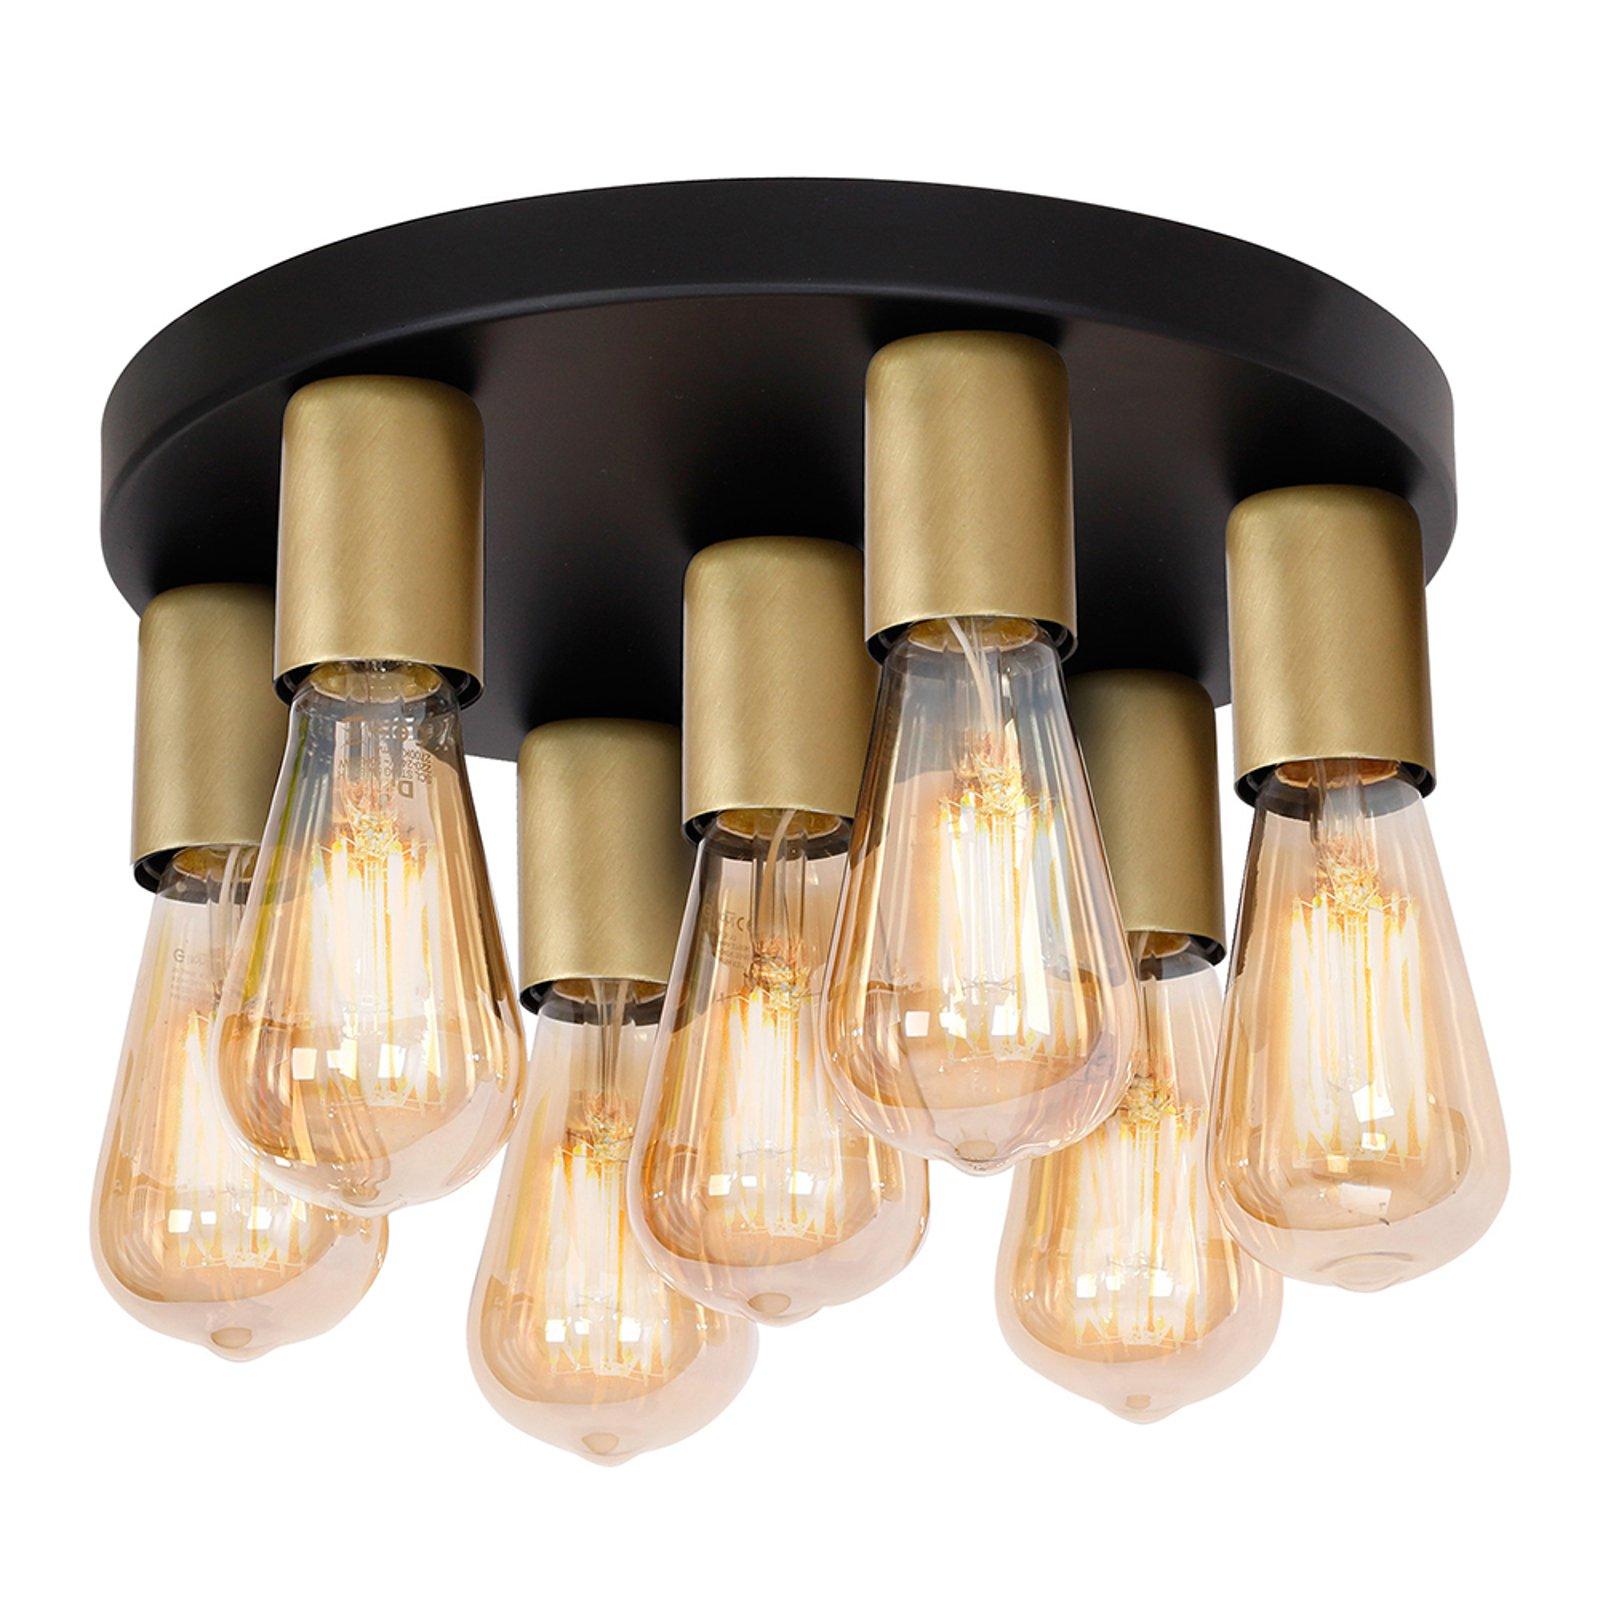 Filo taklampe 7 lyskilder rund svart/gull